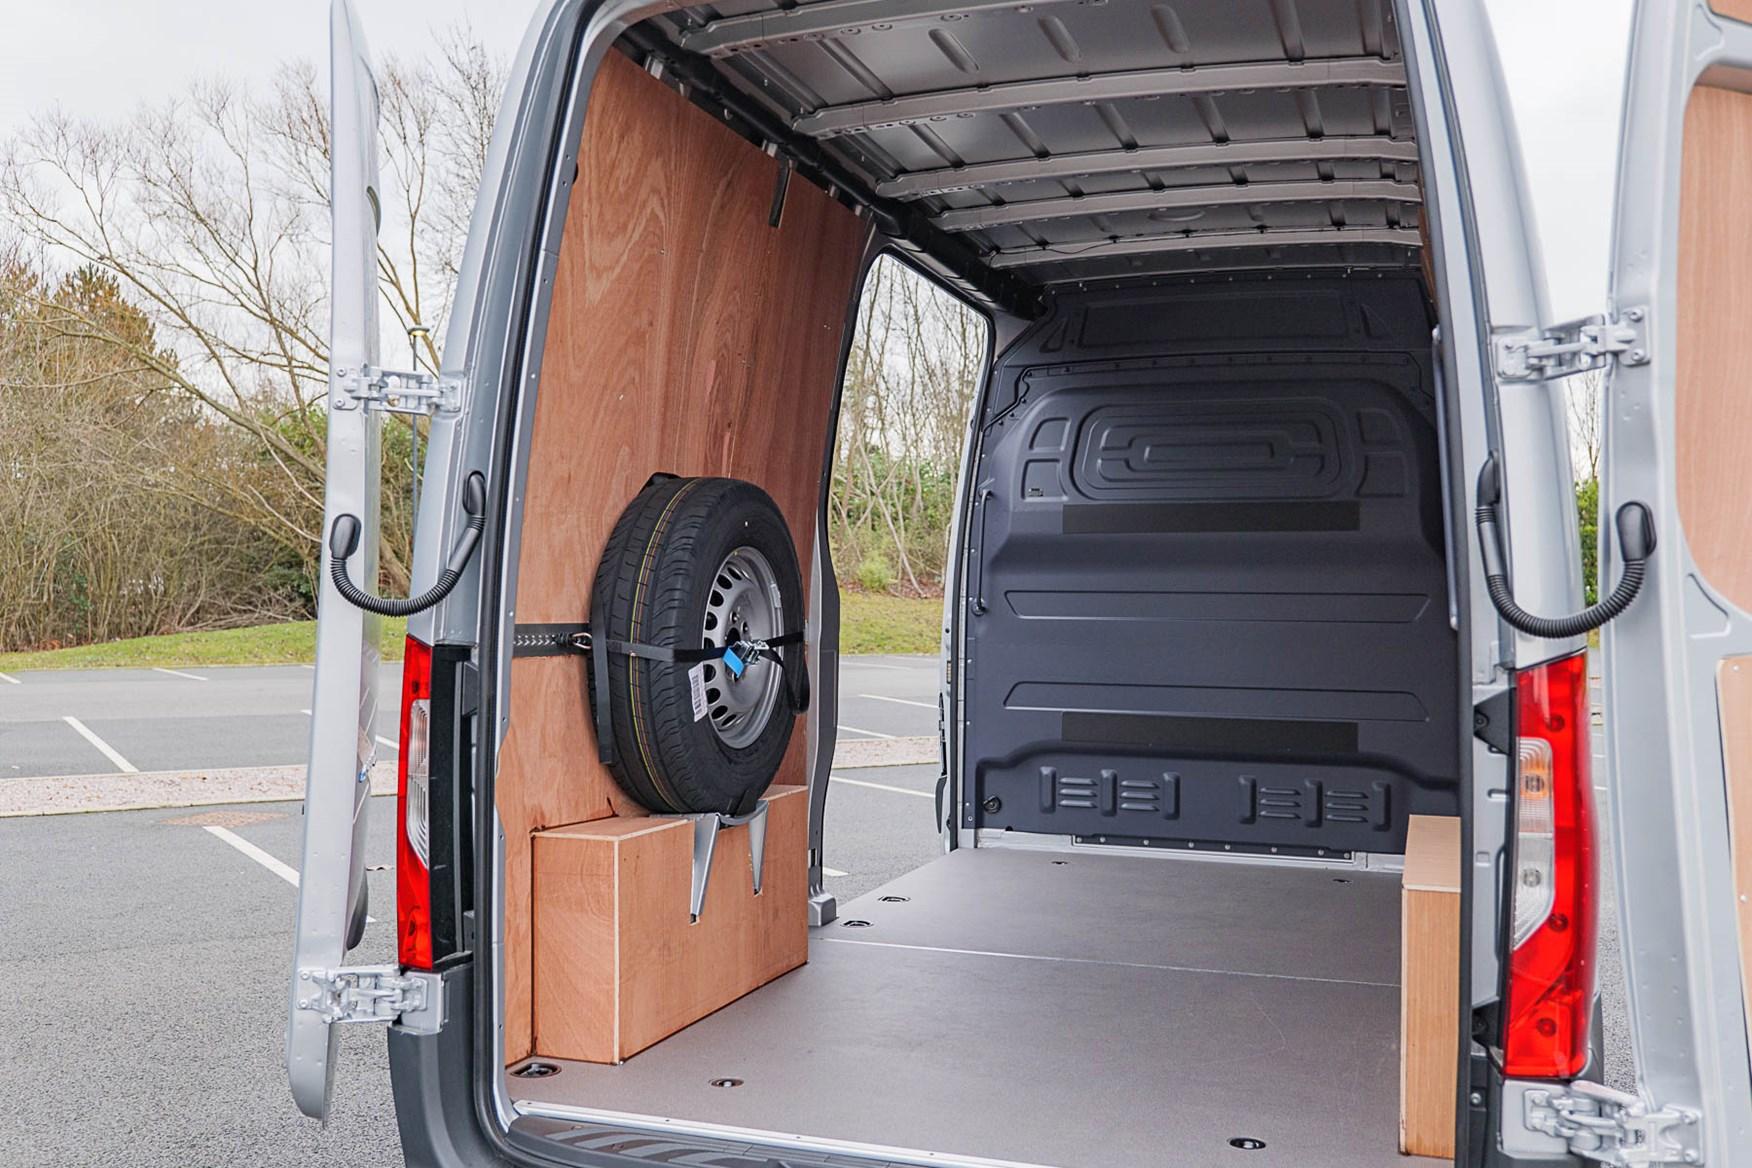 2020 Mercedes-Benz eSprinter - load area